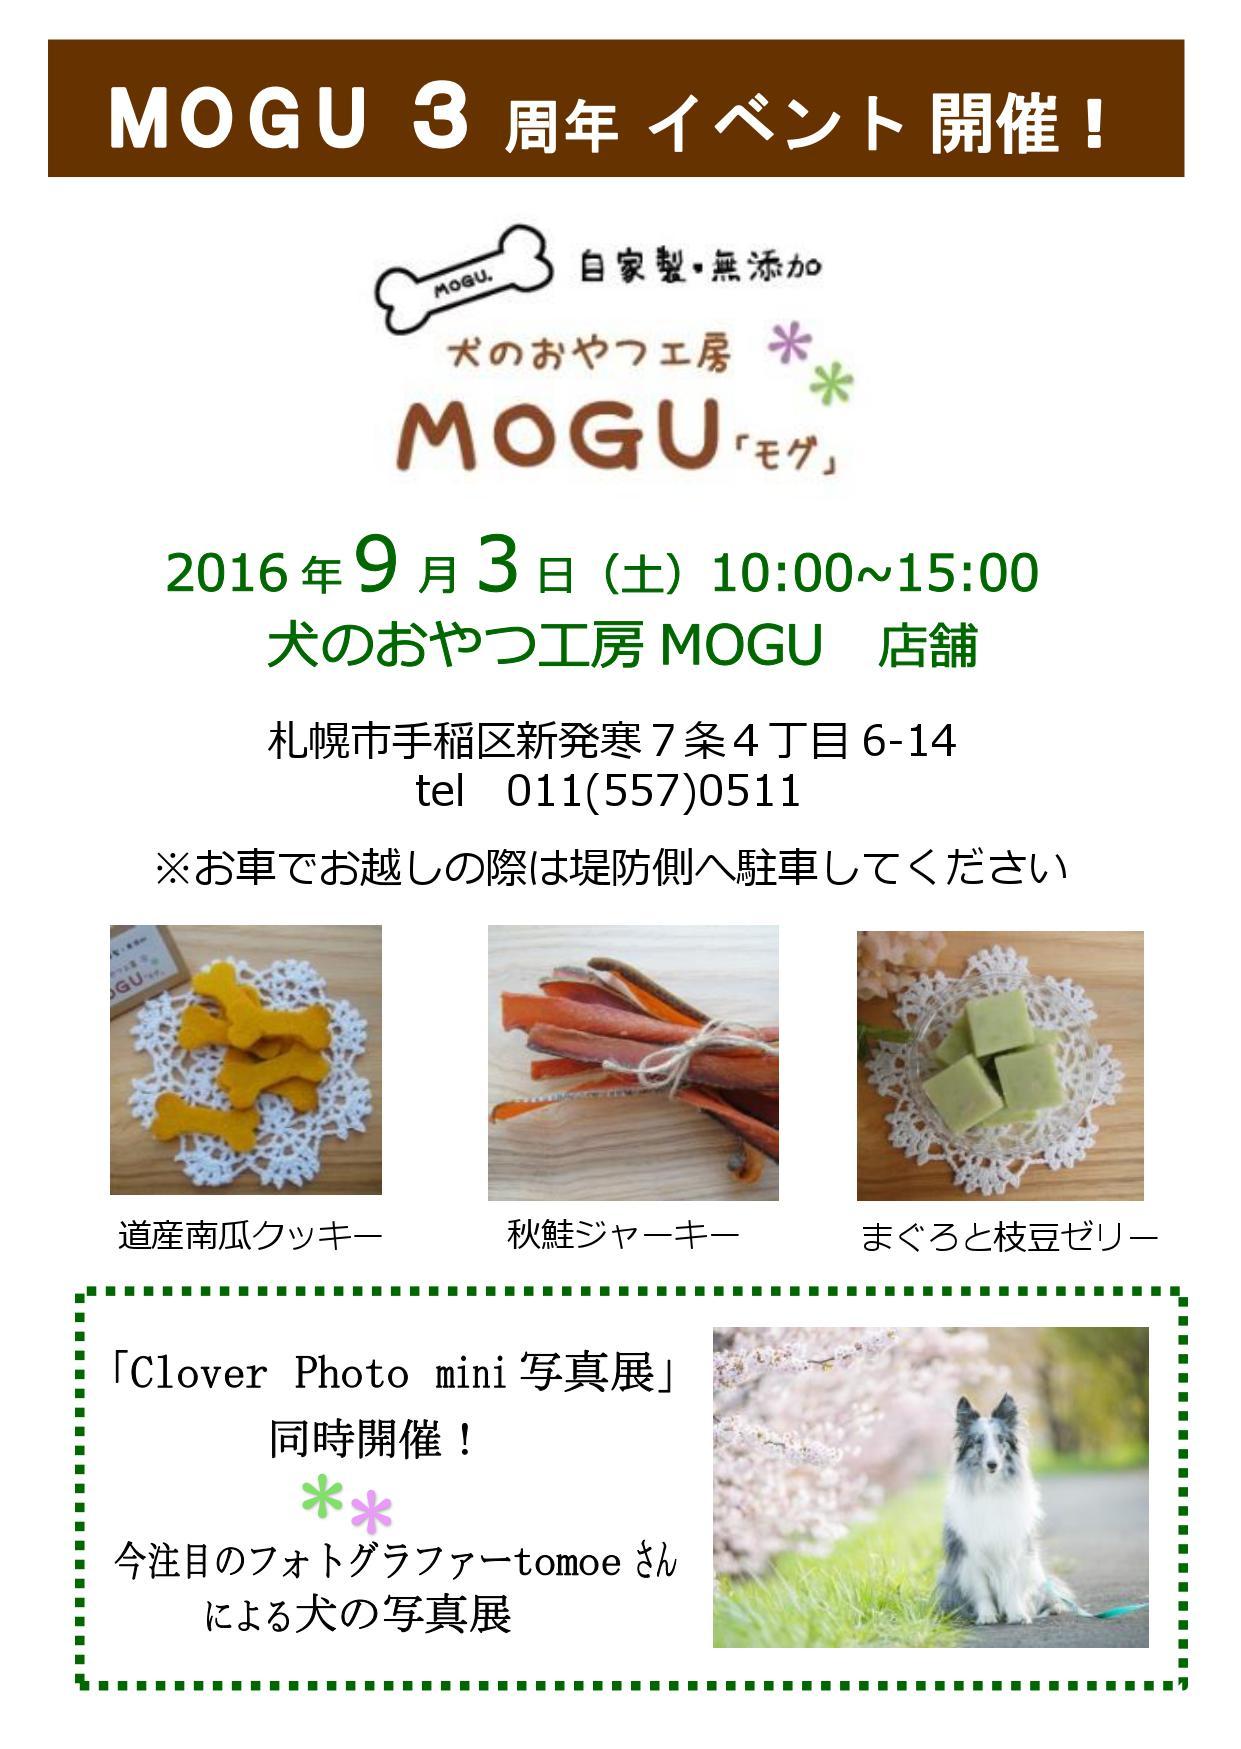 MOGU3周年表